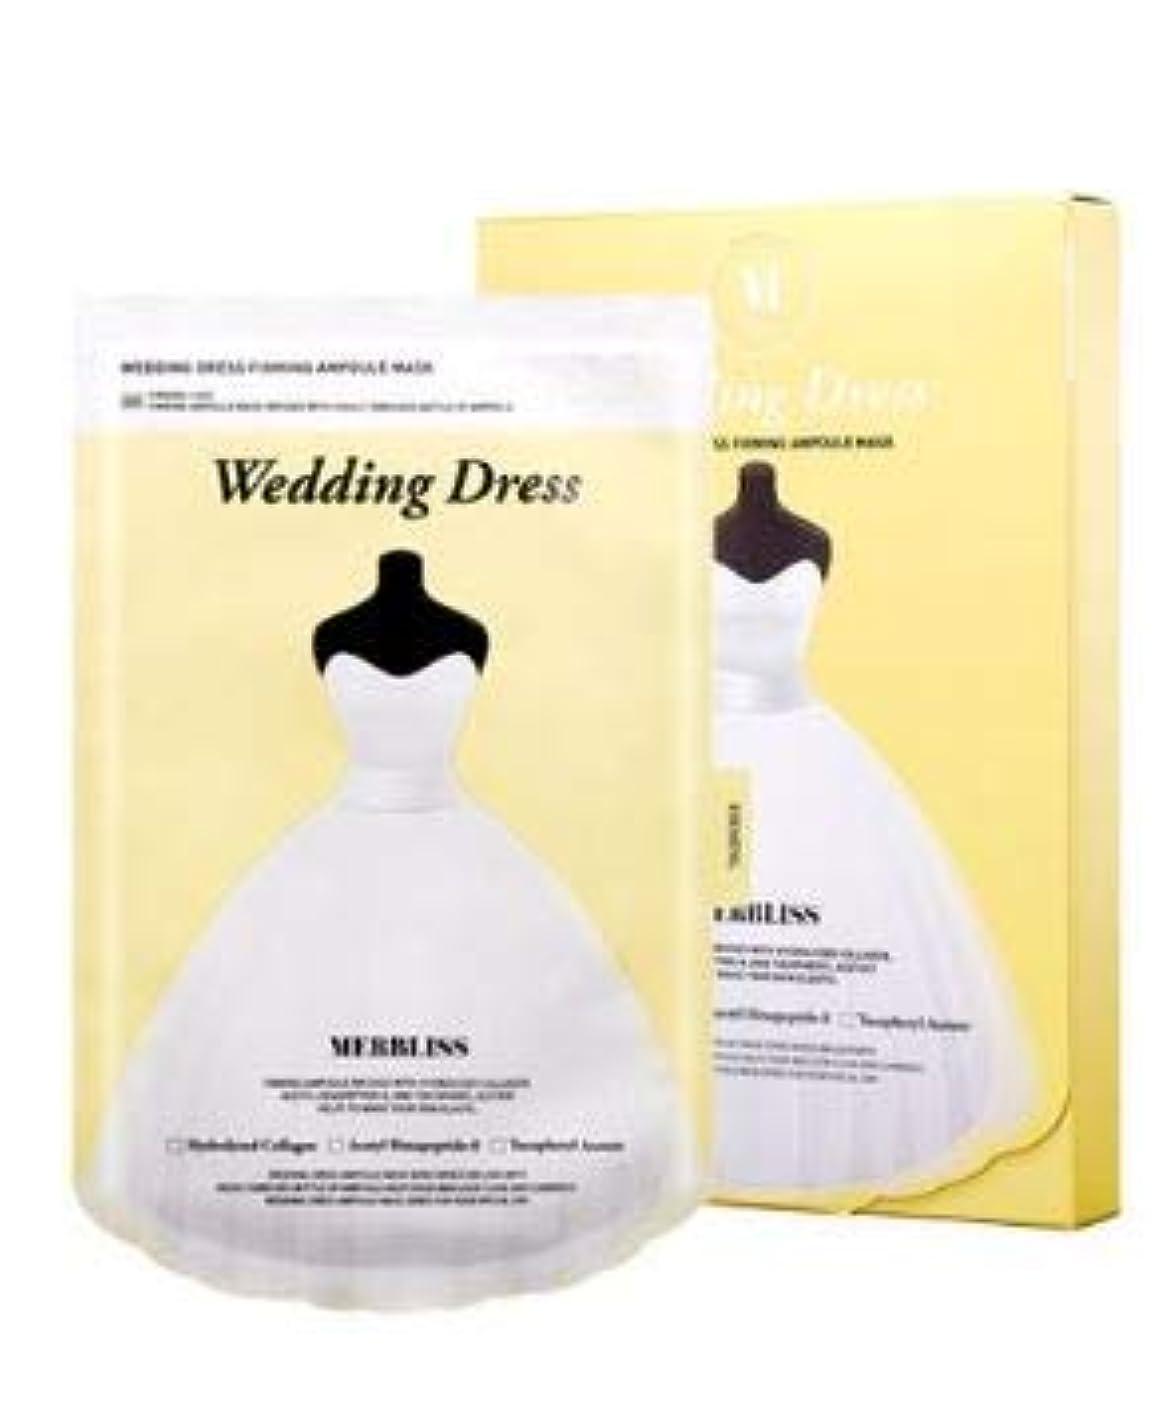 小間規模医療の[Merbliss] Wedding Dress Firming Ampoule Mask 25gx5ea /ウェディングドレスファーミングアンプルマスク25gx5枚 [並行輸入品]